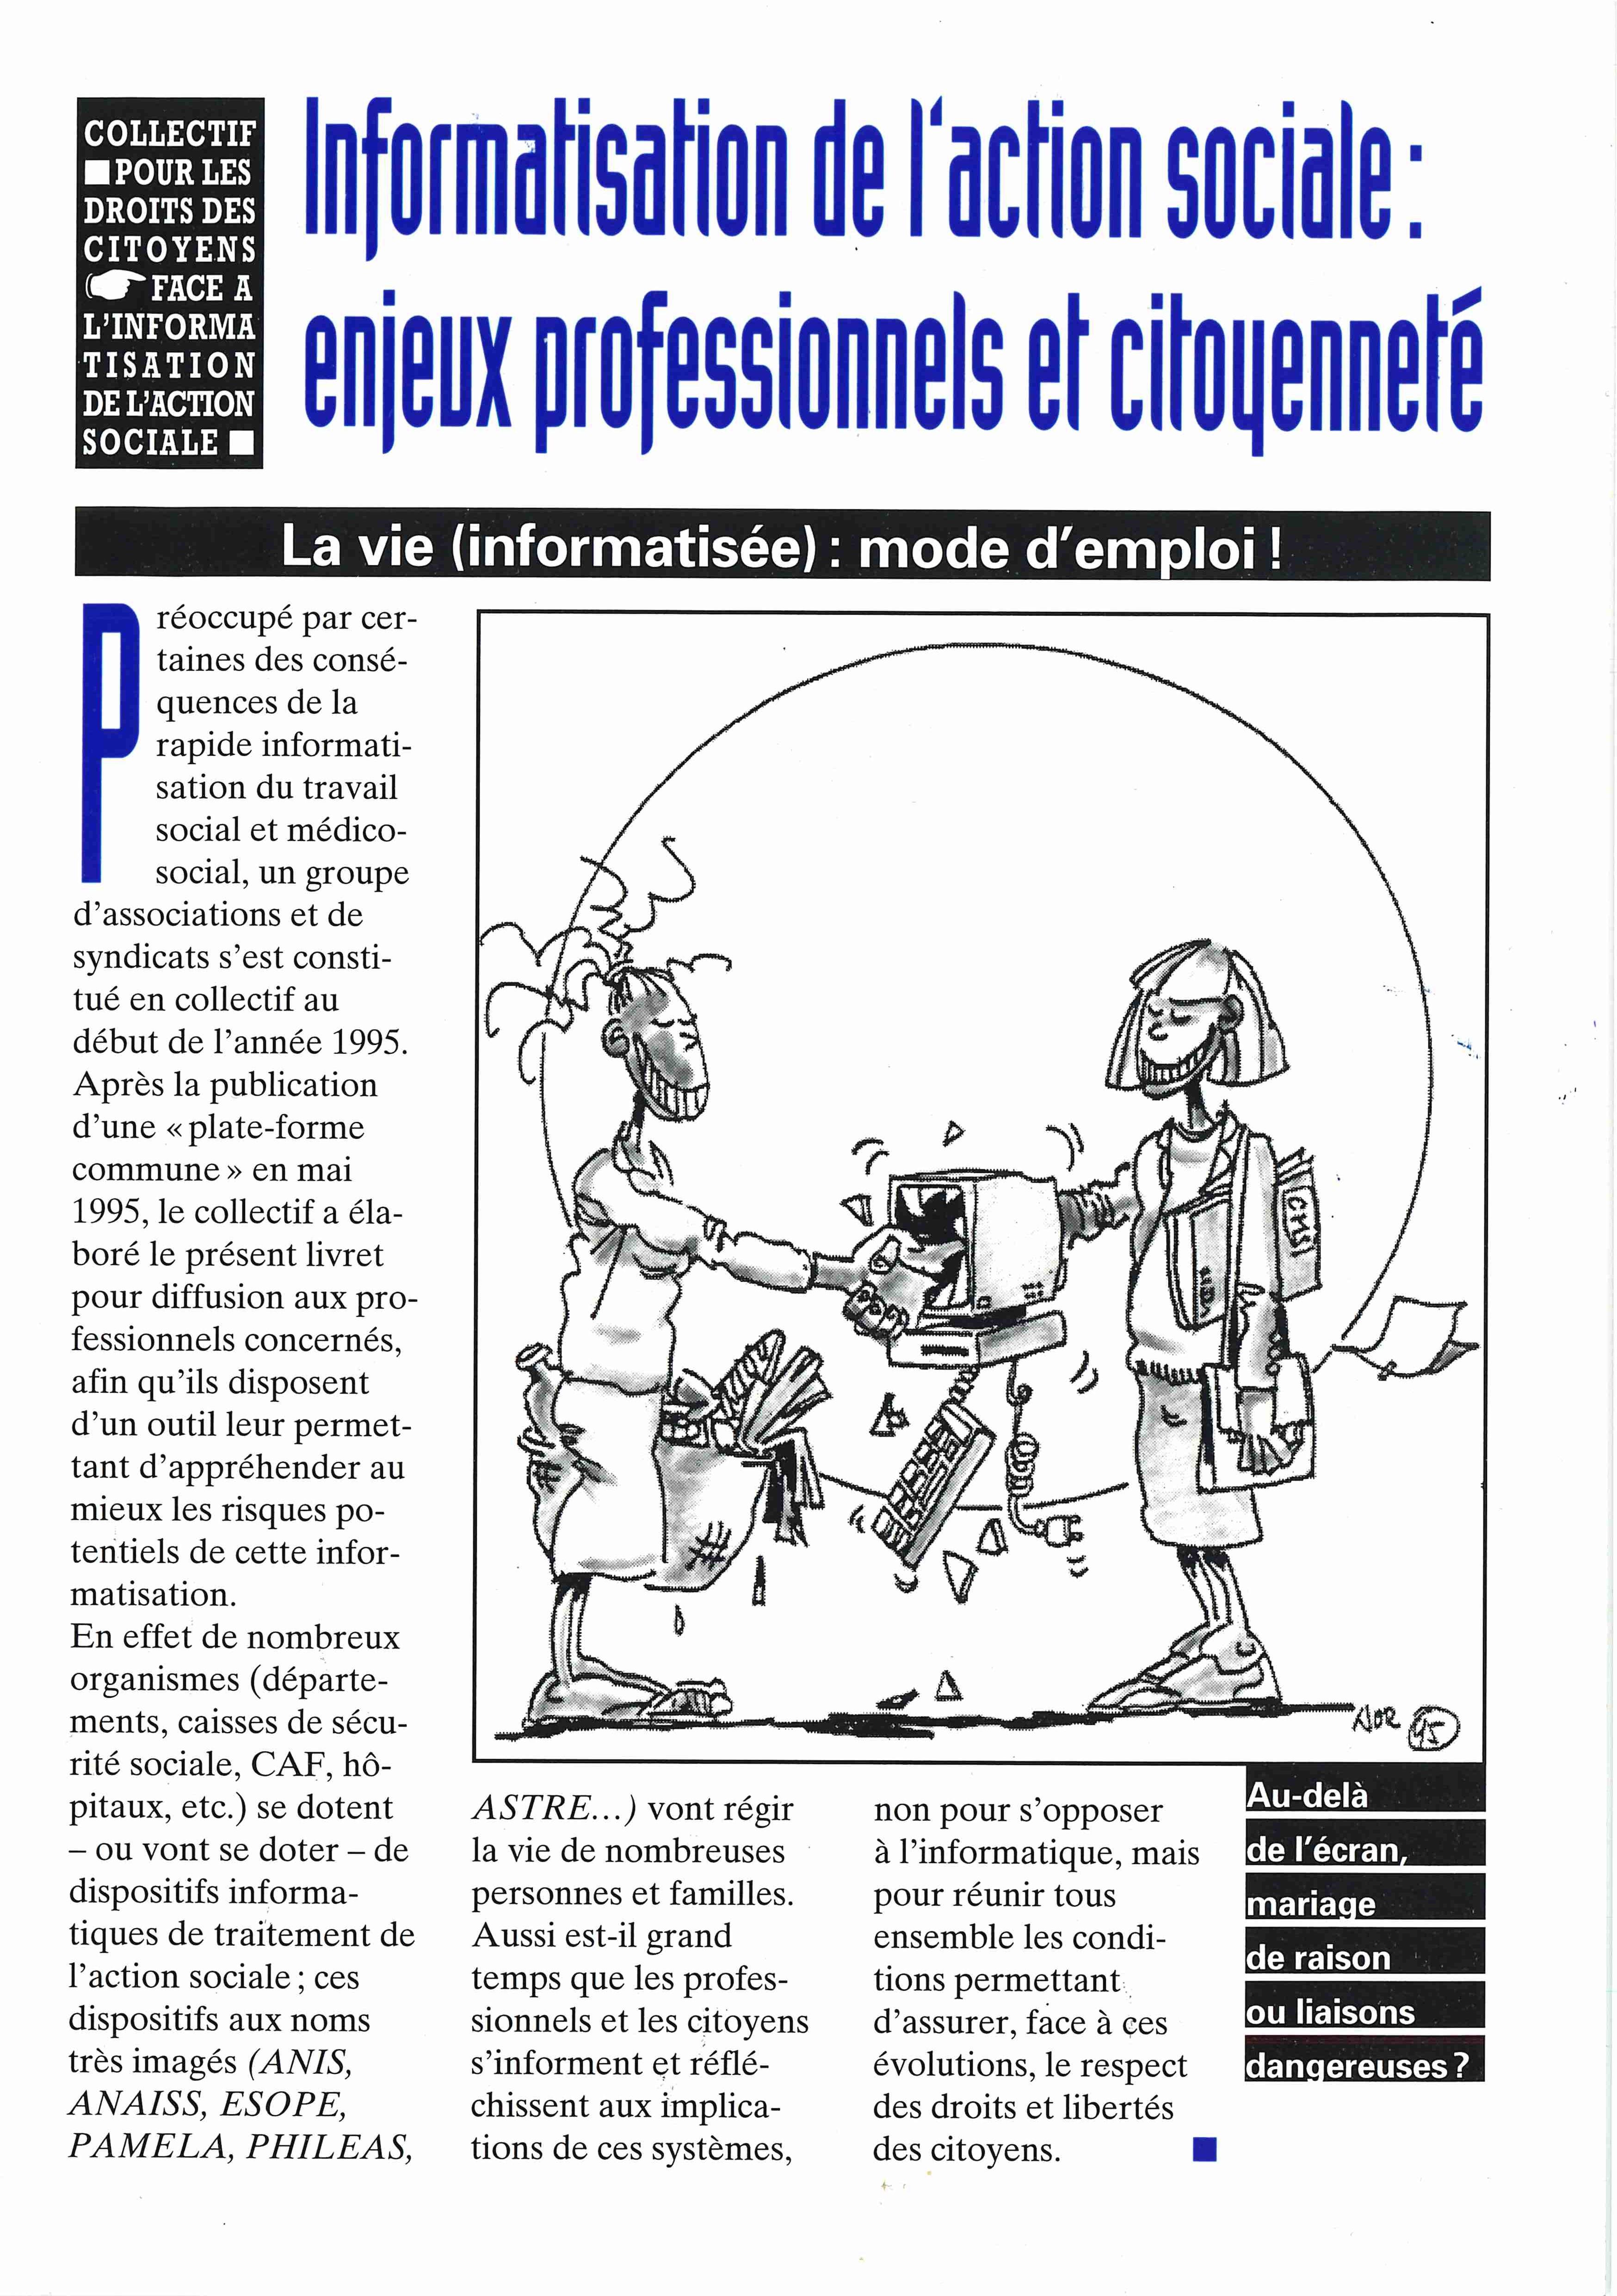 Brochure Informatisation de l'action sociale : enjeux professionnels et citoyenneté - Octobre 1996